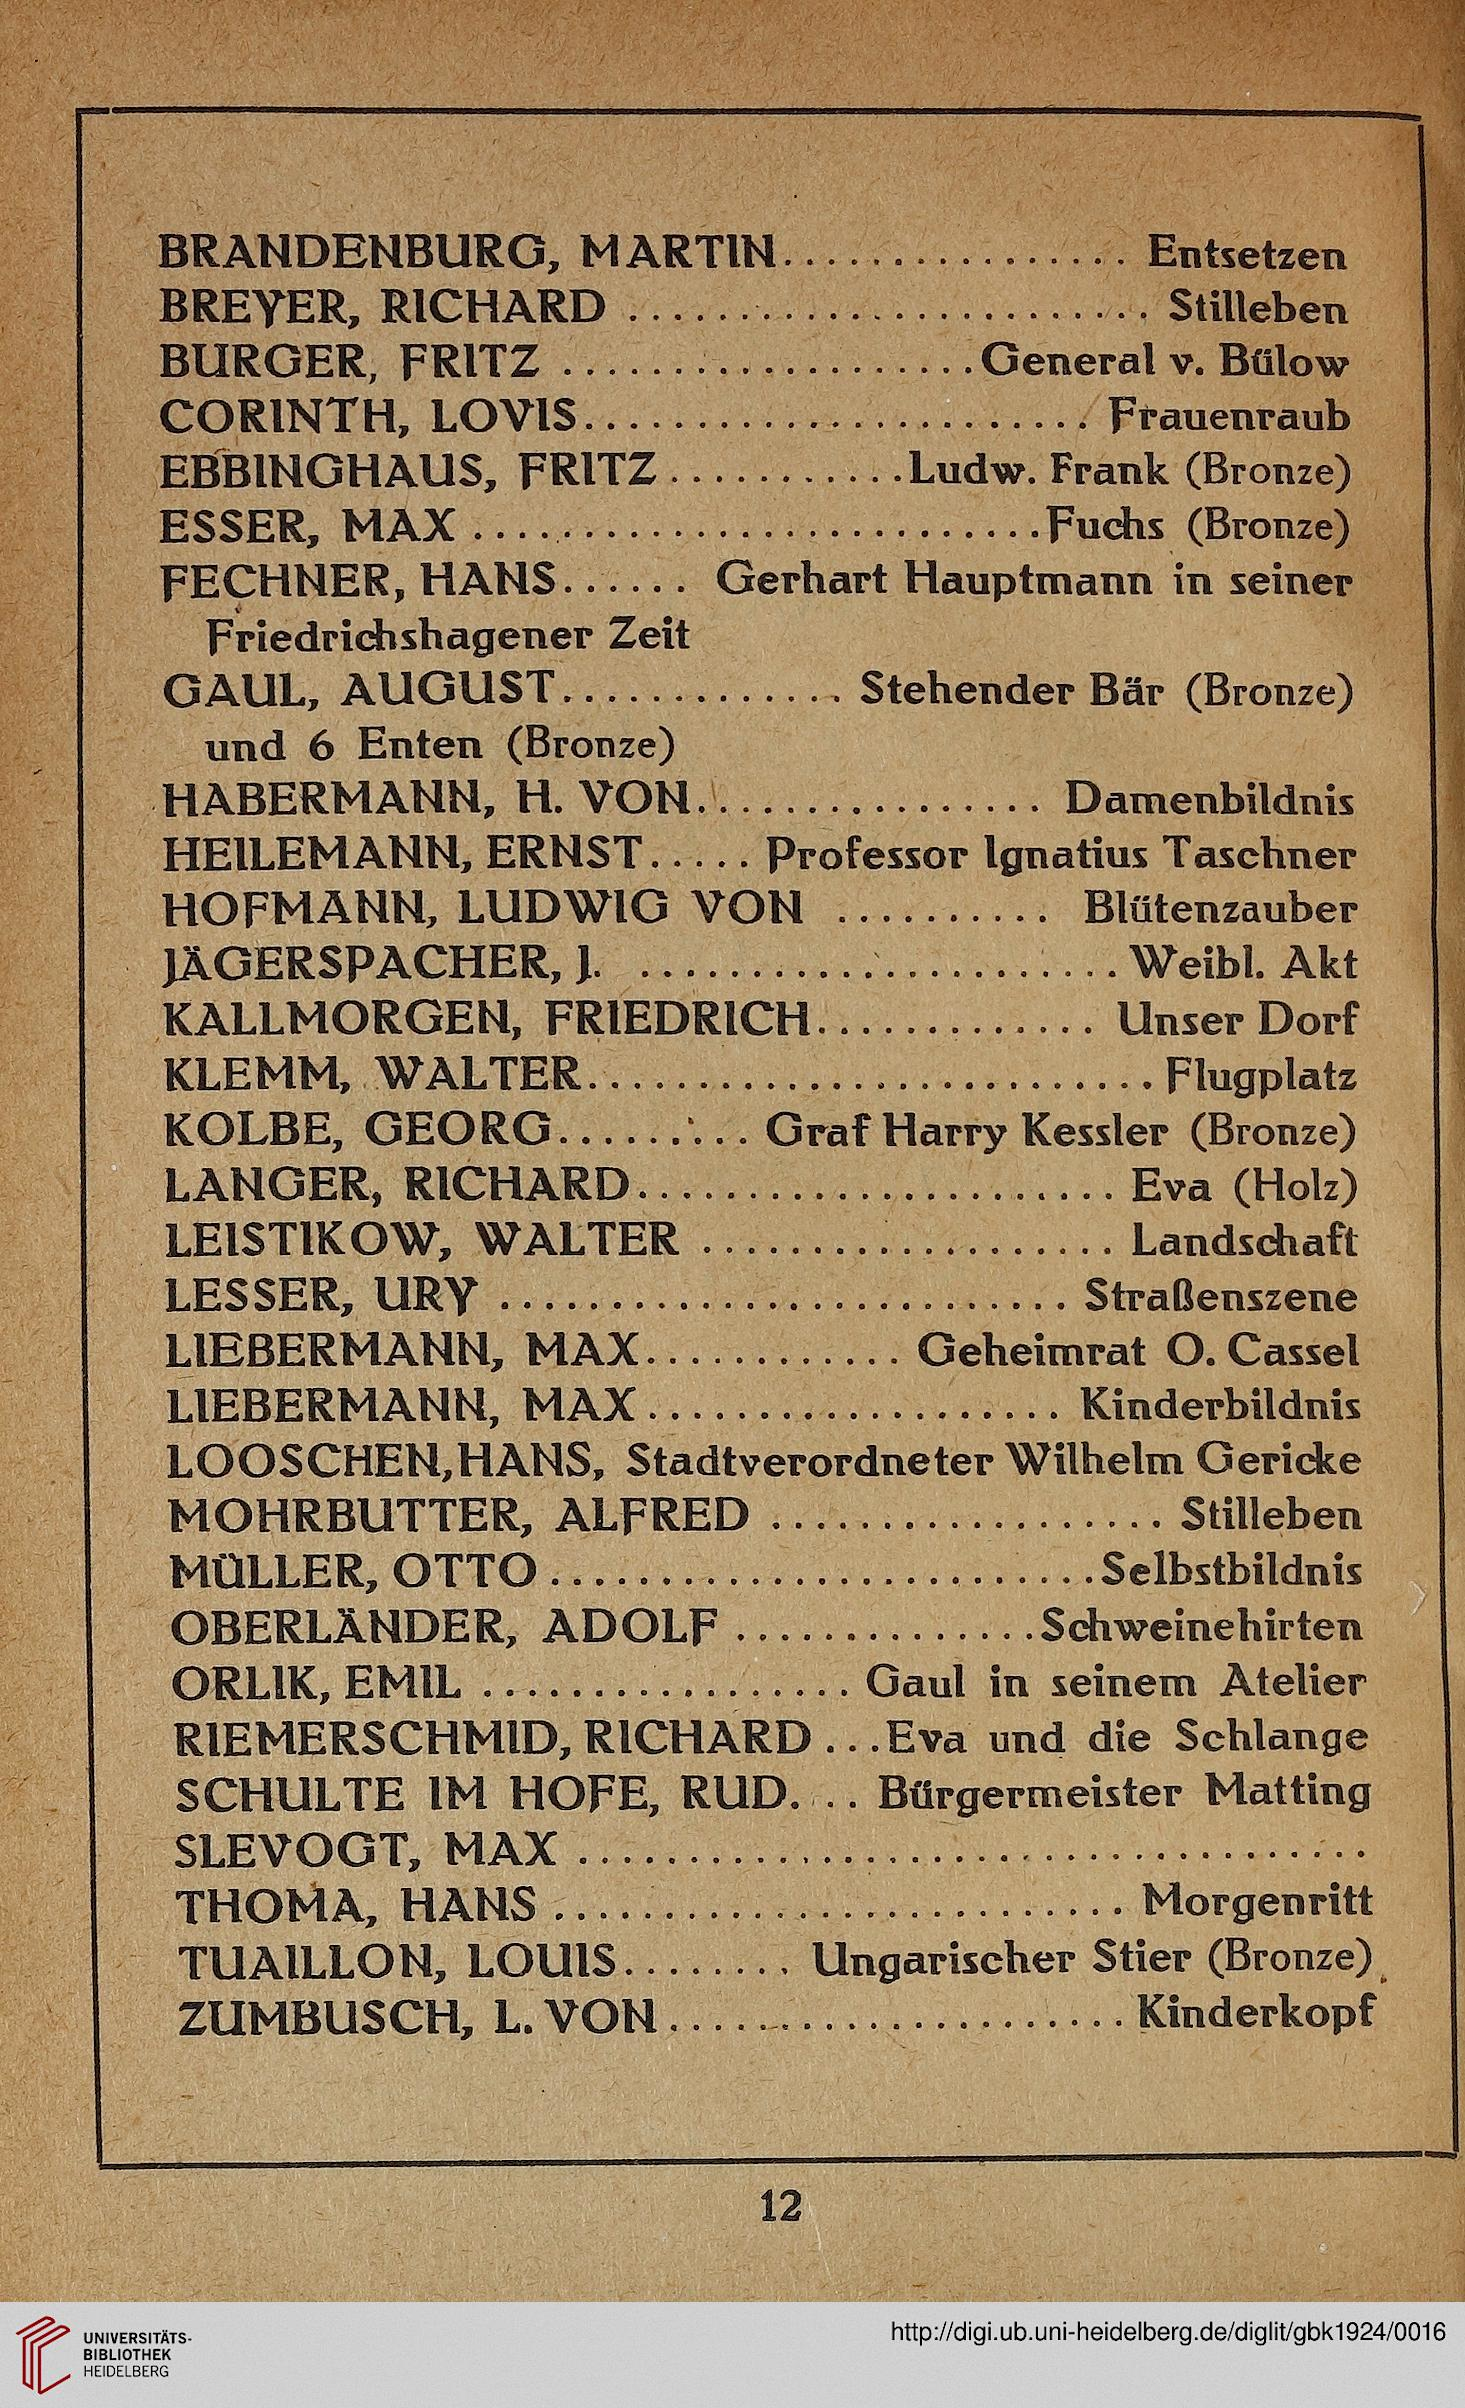 grosse berliner kunstausstellung hrsg katalog berlin 1924. Black Bedroom Furniture Sets. Home Design Ideas